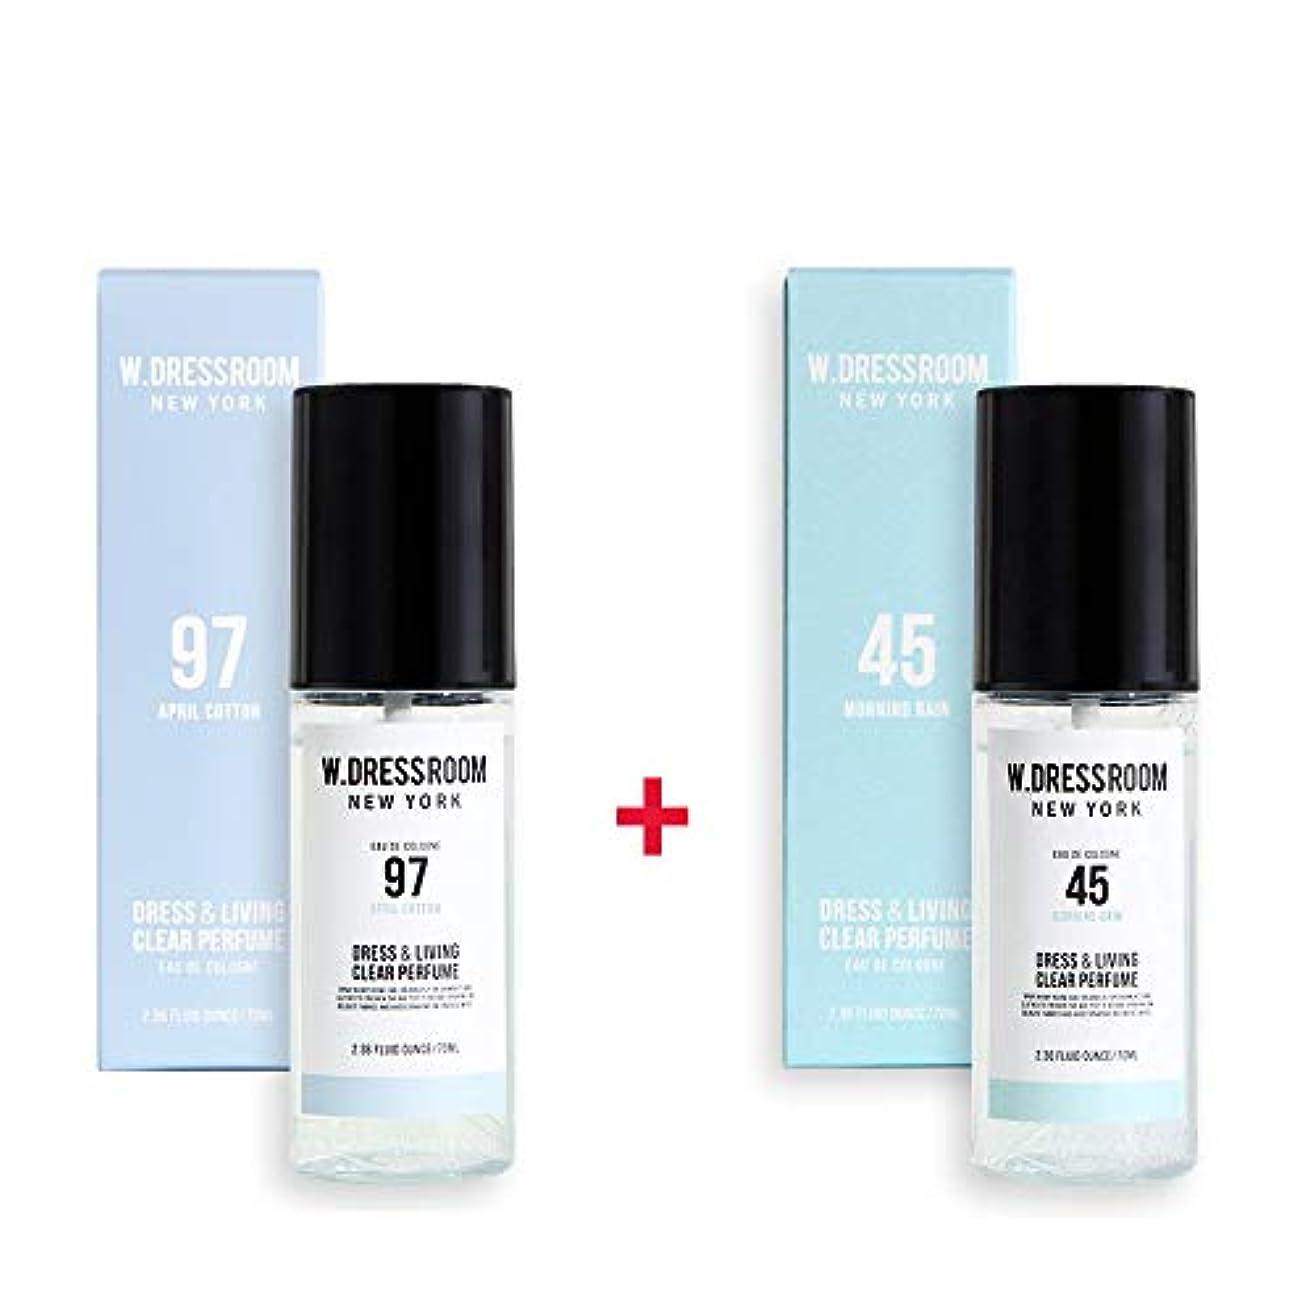 位置づけるボードナチュラルW.DRESSROOM Dress & Living Clear Perfume 70ml (No 97 April Cotton)+(No 45 Morning Rain)